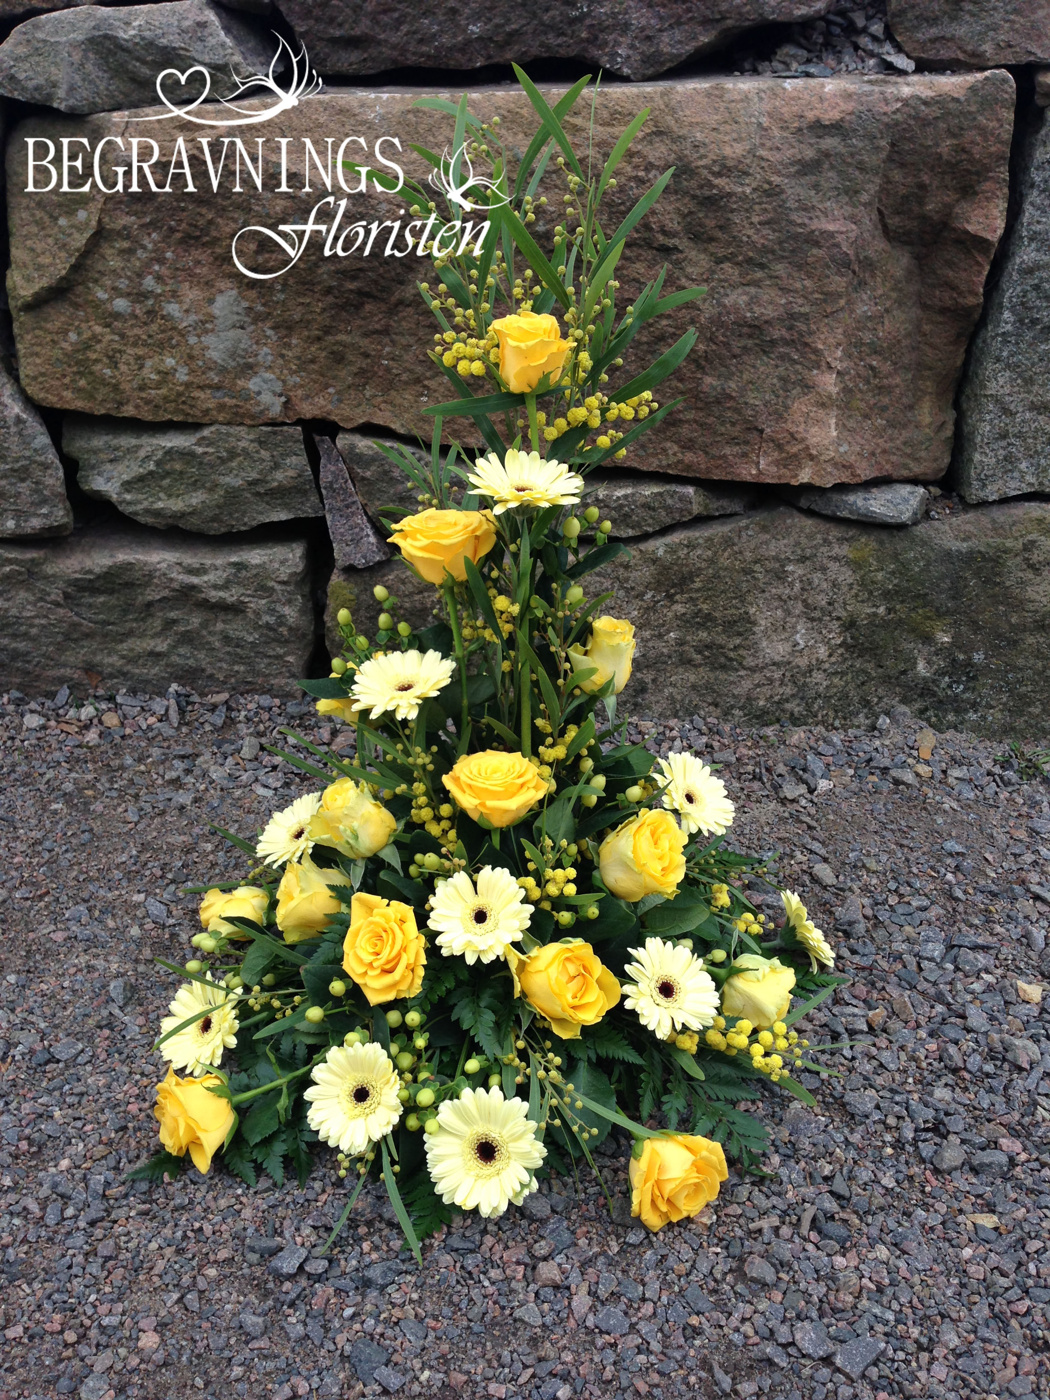 blommor-begravning-rosor-gula